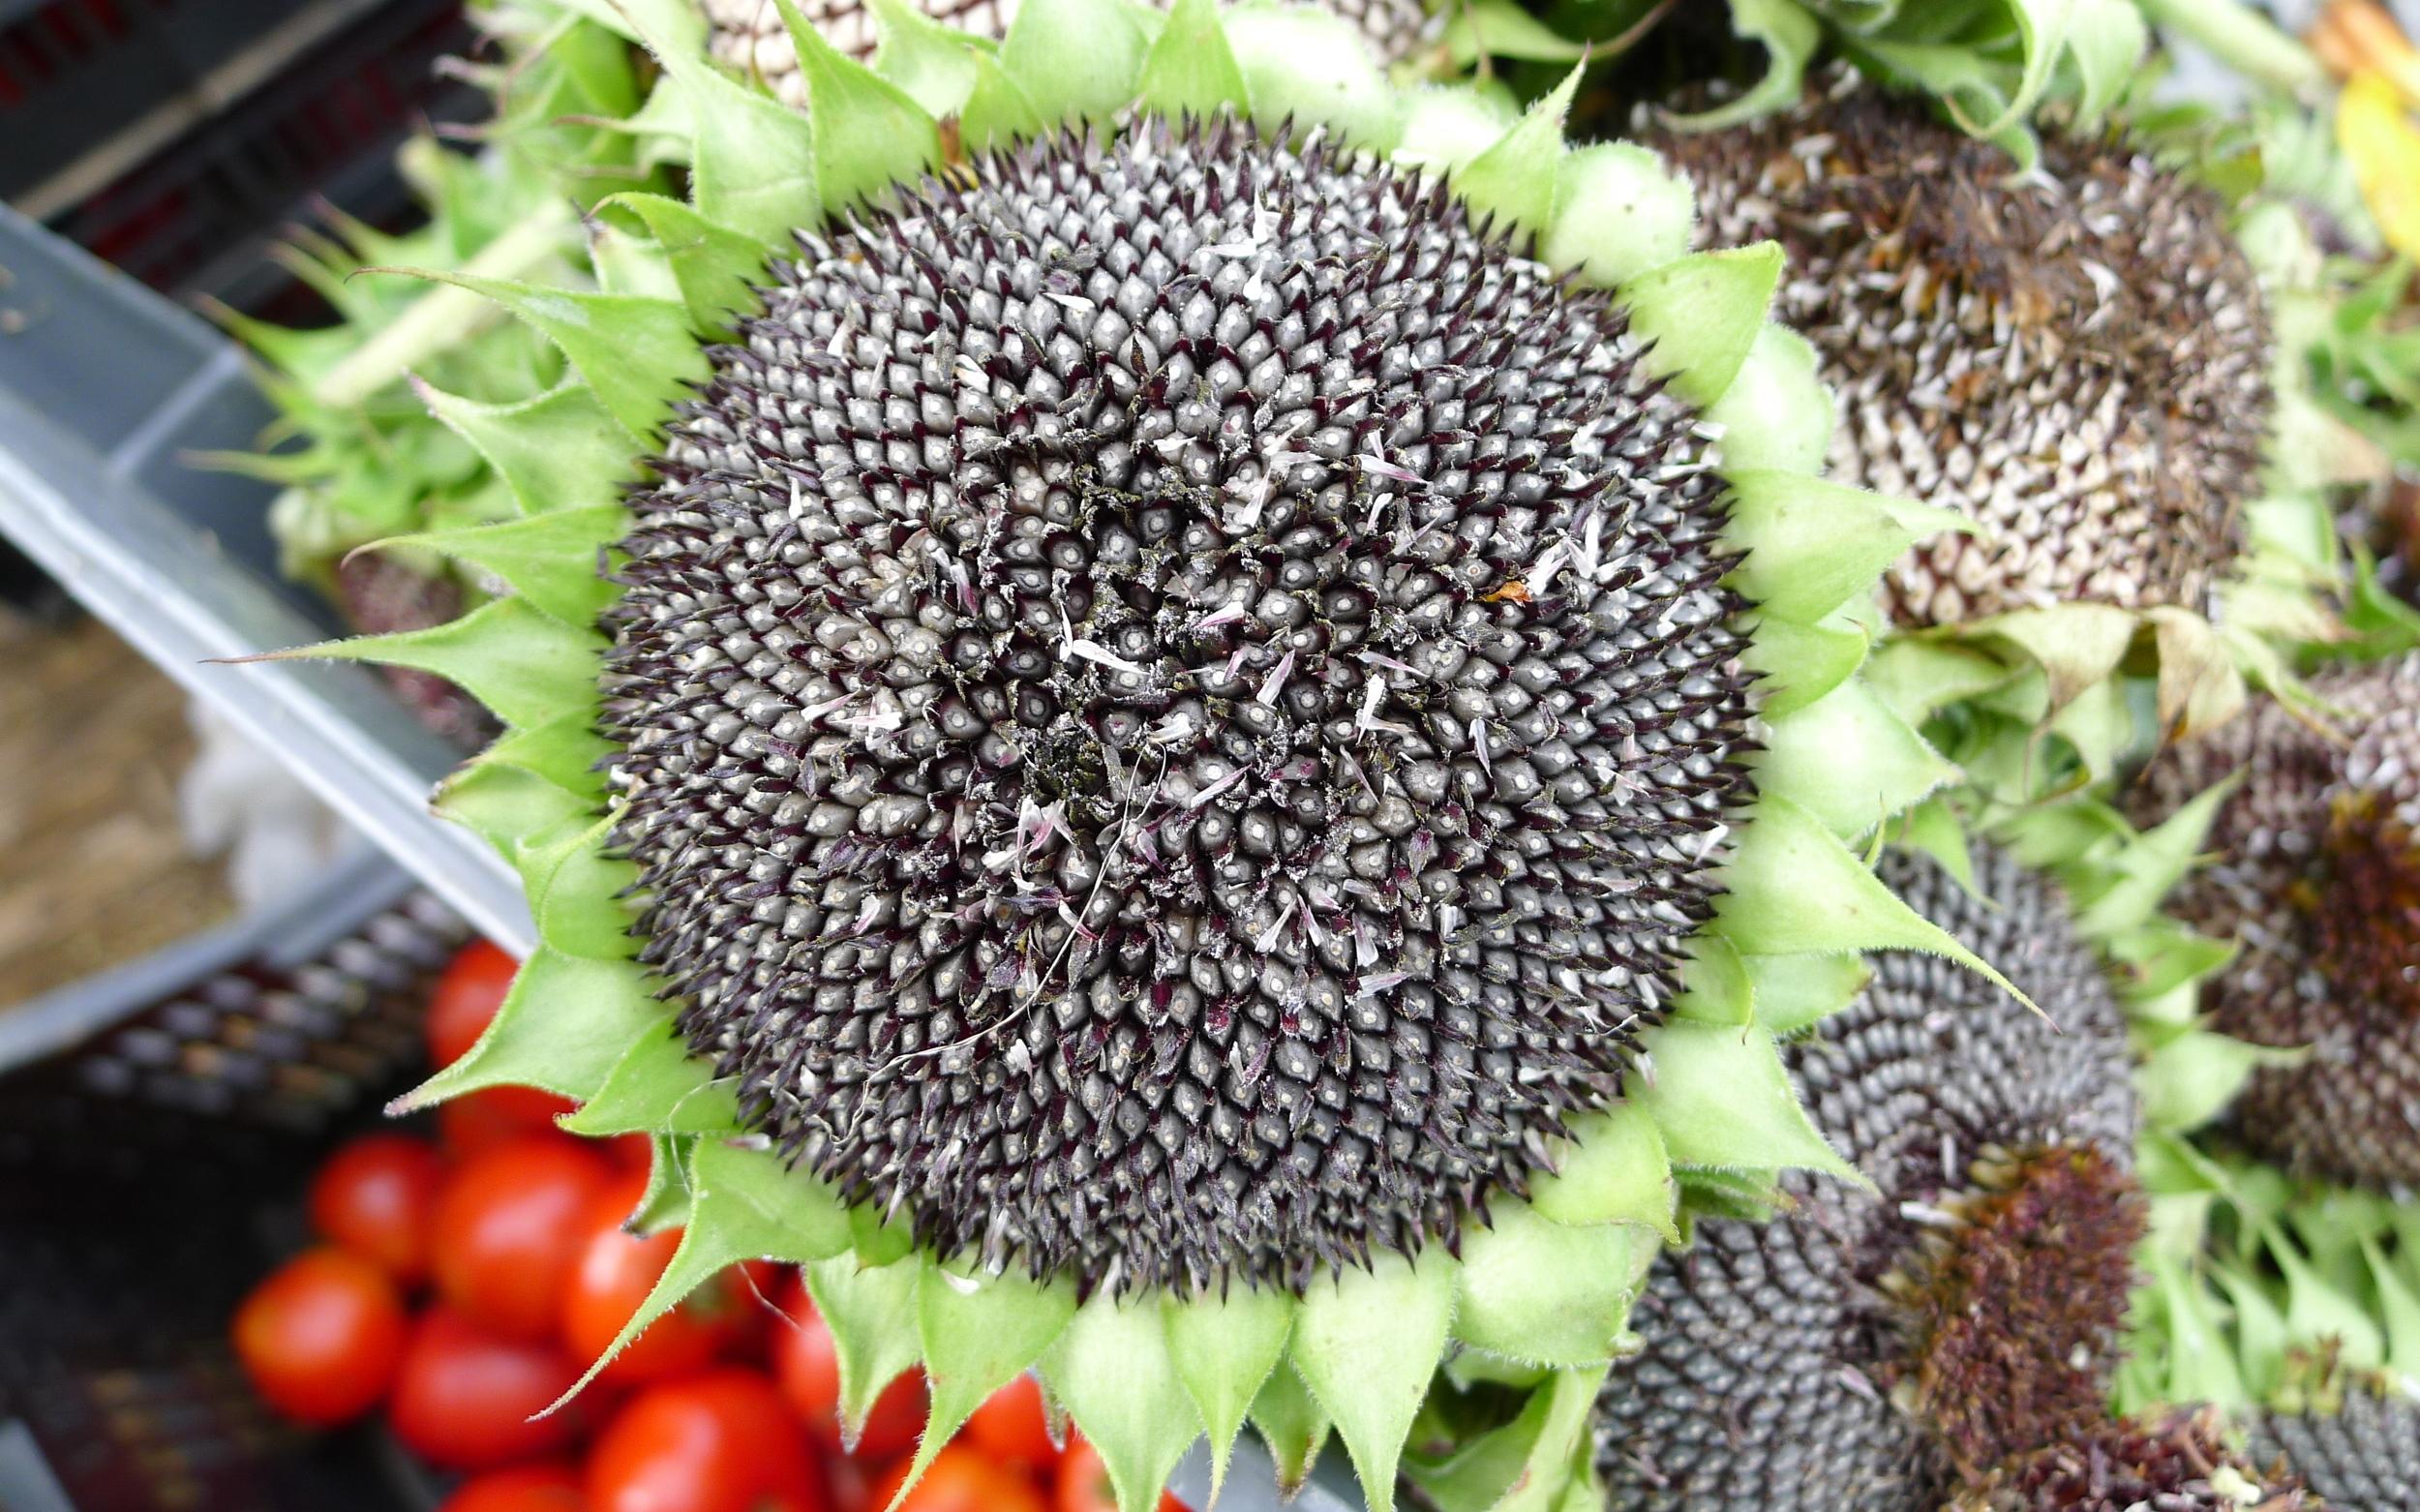 sunflower head full of seeds